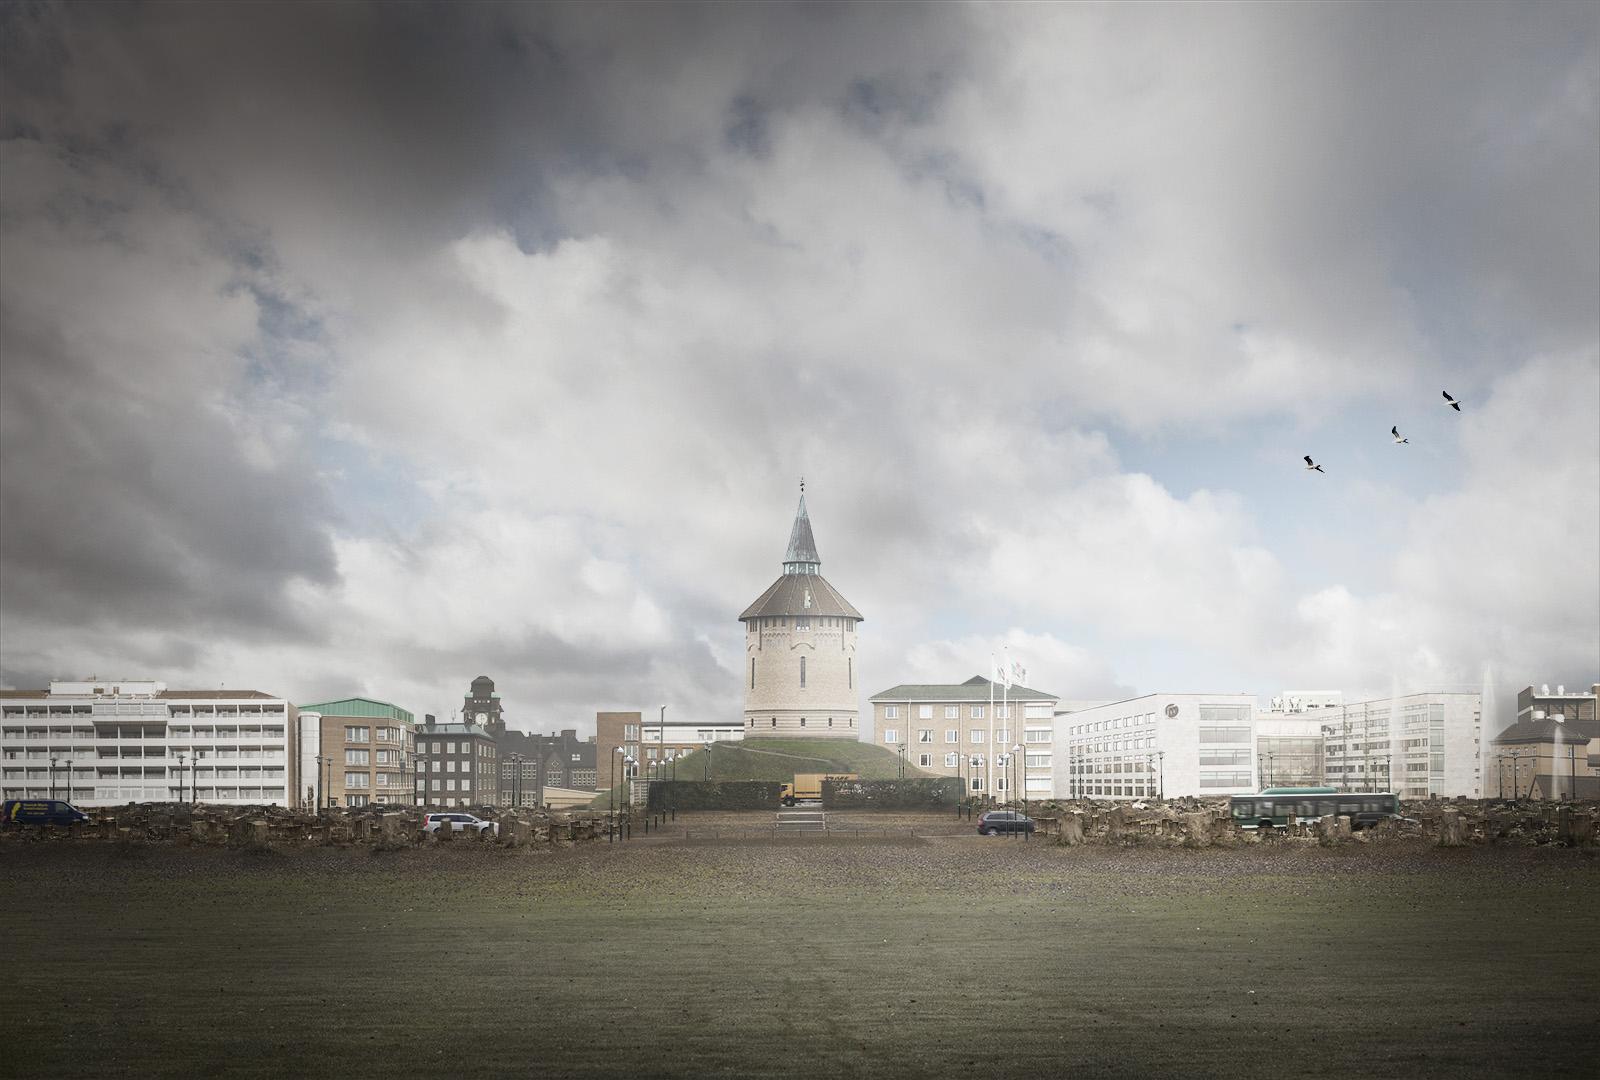 6_Malmö_pildammsparken_efter.jpg